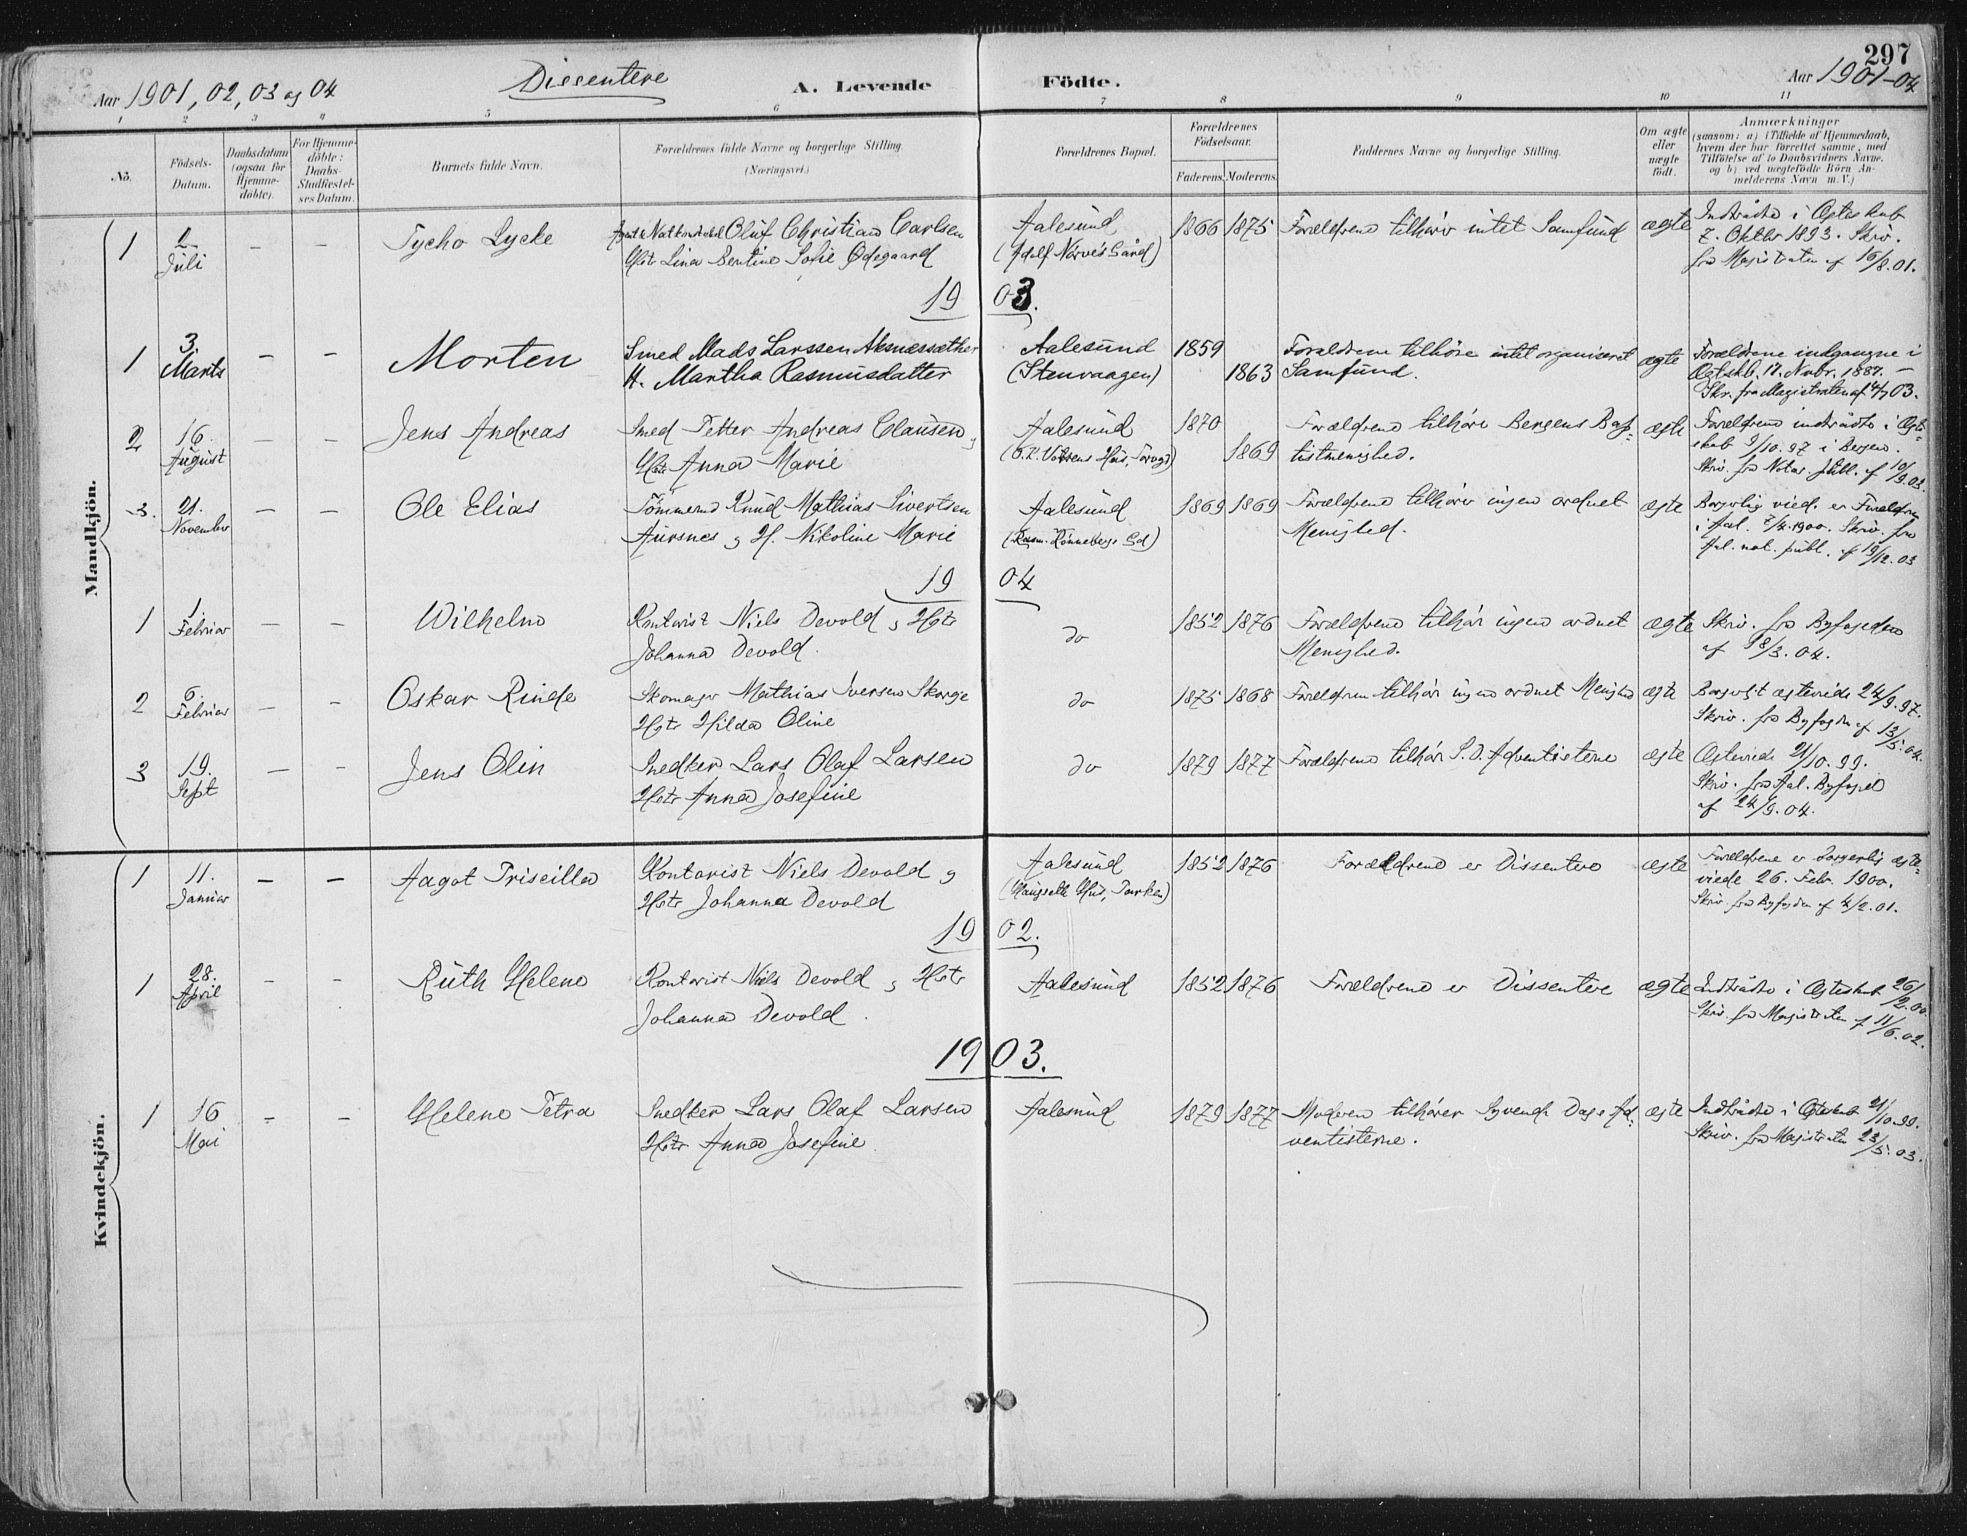 SAT, Ministerialprotokoller, klokkerbøker og fødselsregistre - Møre og Romsdal, 529/L0456: Ministerialbok nr. 529A06, 1894-1906, s. 297